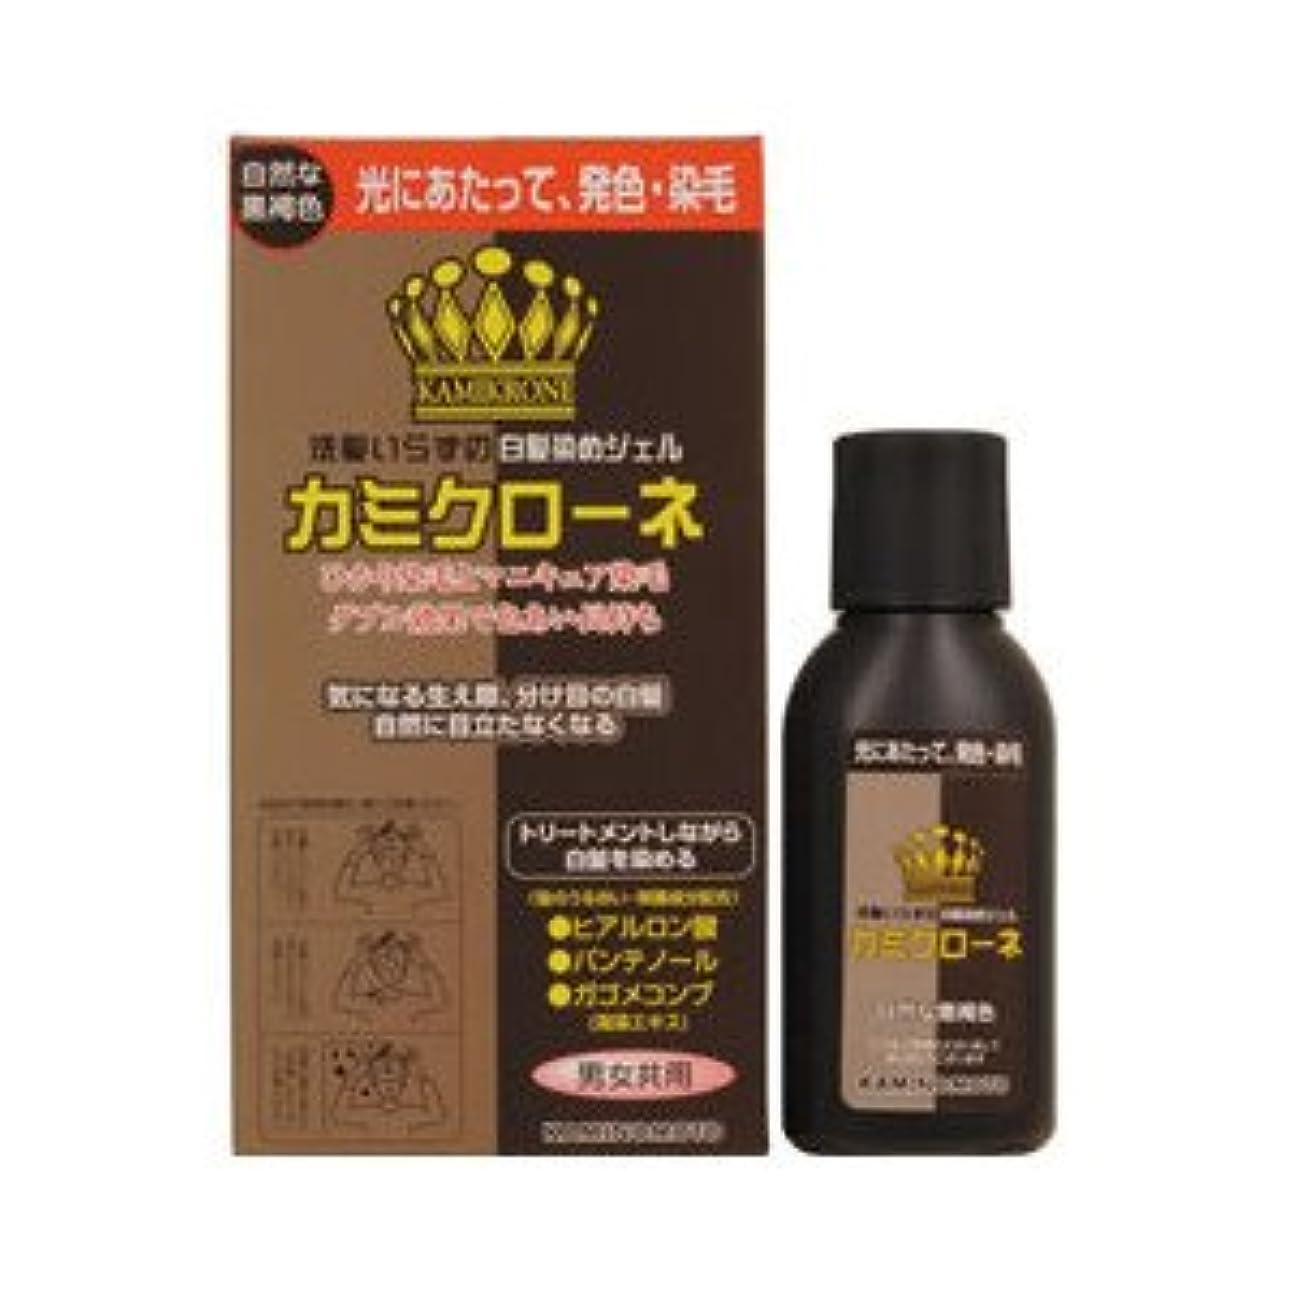 配分ビュッフェ禁止【3個】 加美乃素 カミクローネ 自然な黒褐色 80mlx3個 (4987046820020)